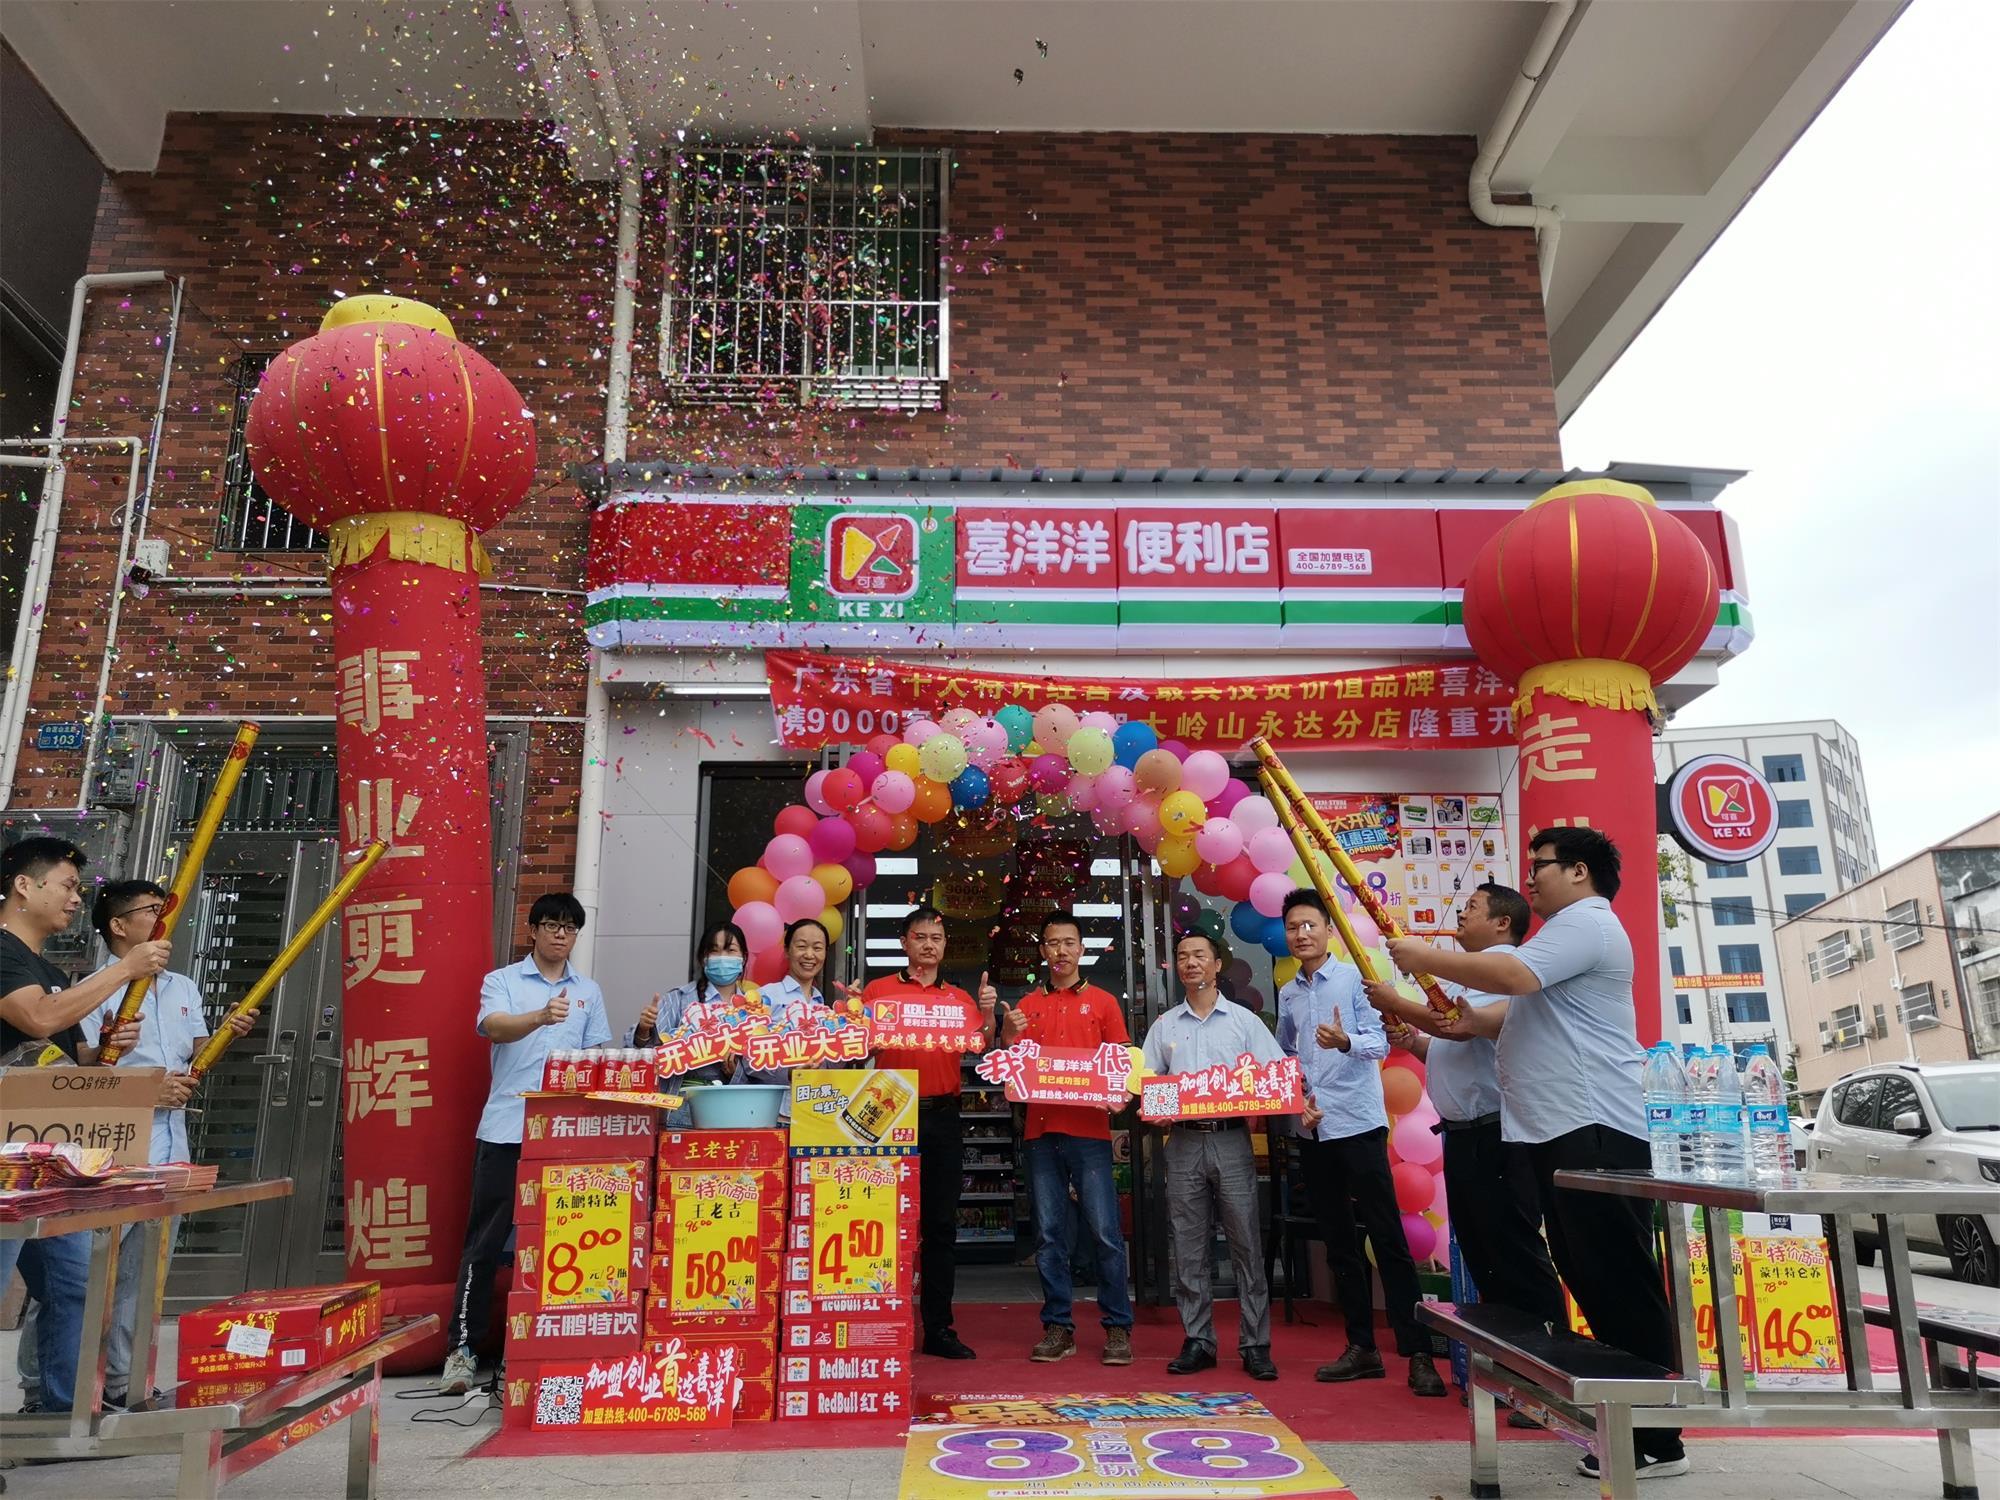 喜洋洋便利店全体员工恭祝大岭山永达分店10月17日隆重开业